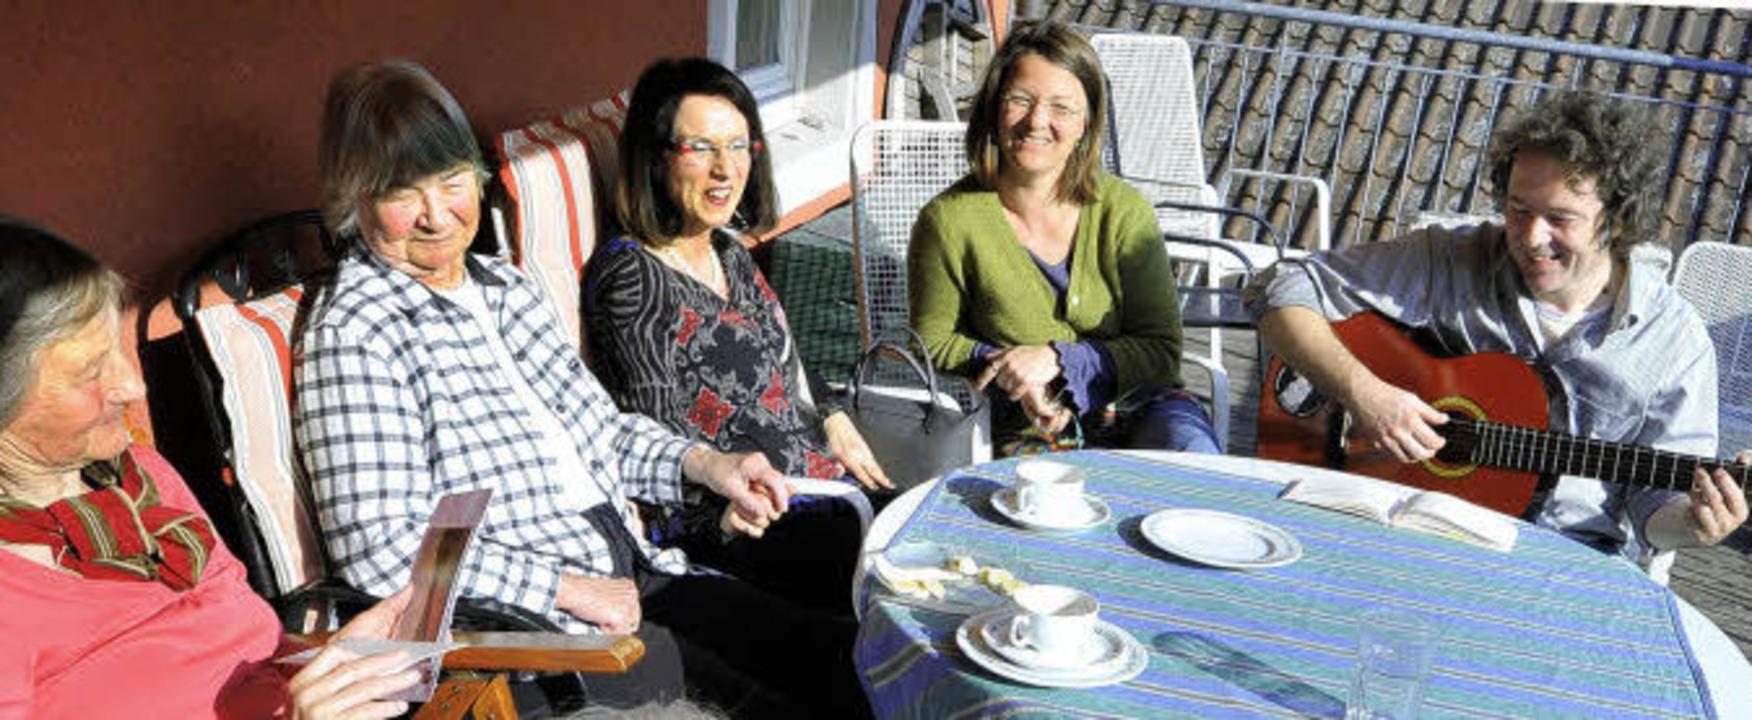 Wohlfühlen in der Wohngemeinschaft: Be...r Ulrike Bruhn (2. und 3. von links).   | Foto: bamberger